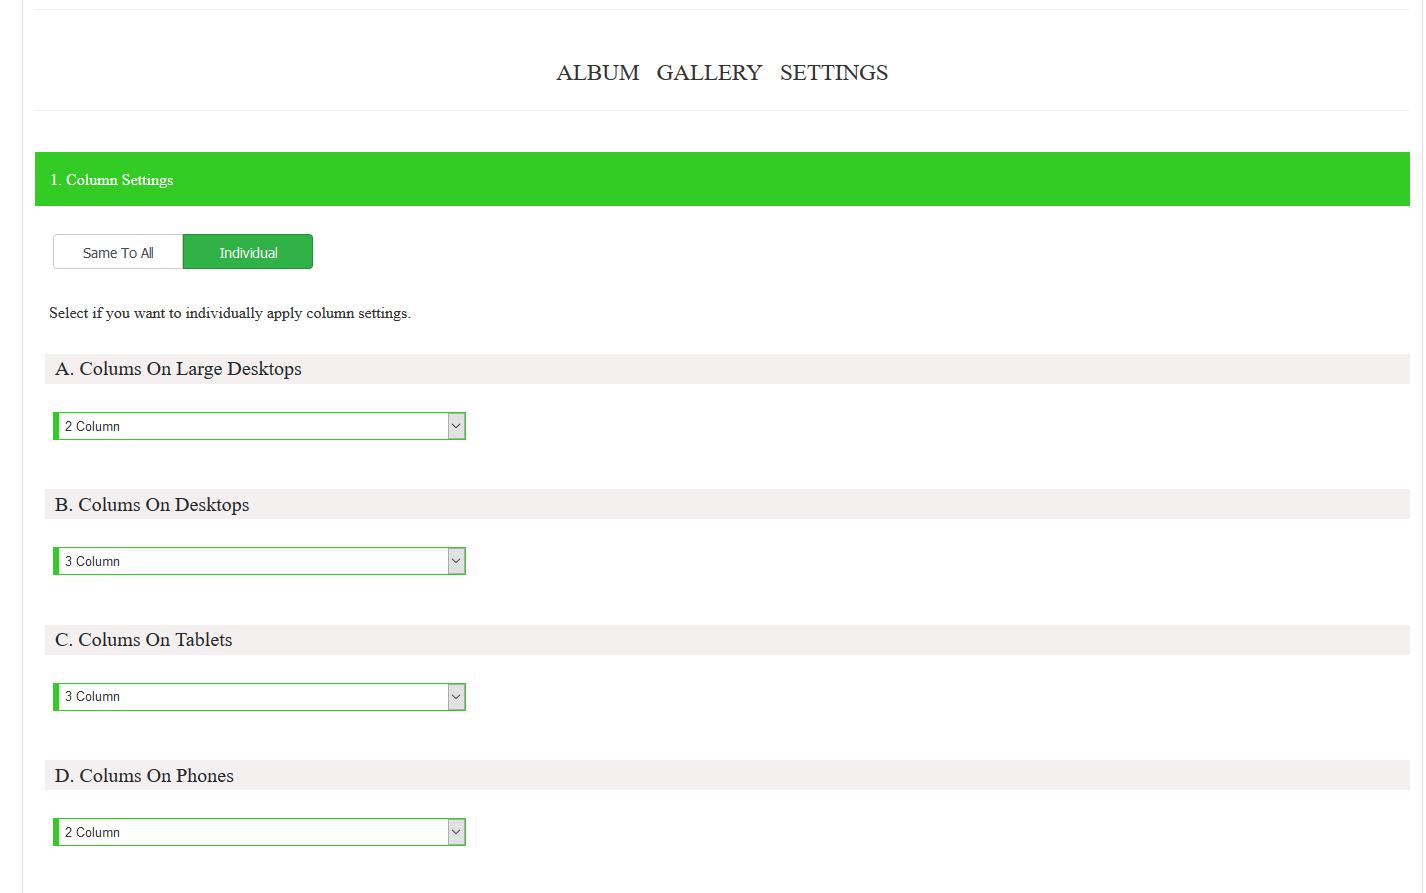 create album gallery premium 2